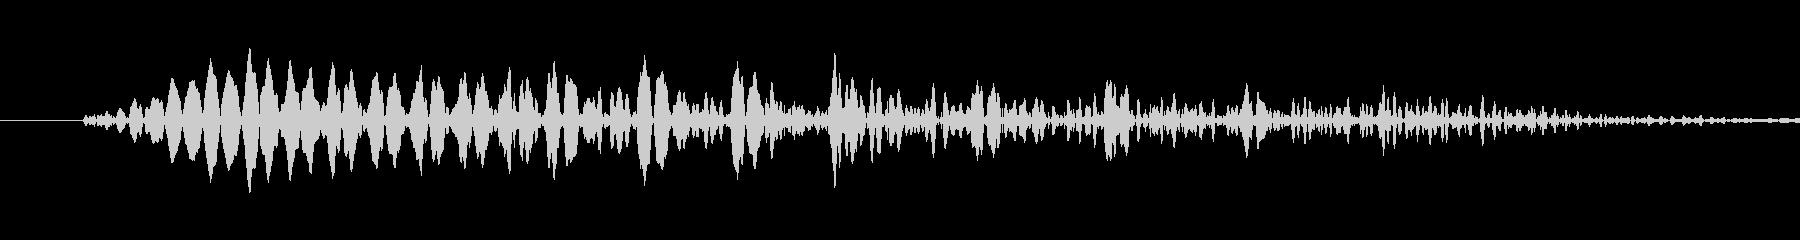 Damage (for battle) 001's unreproduced waveform